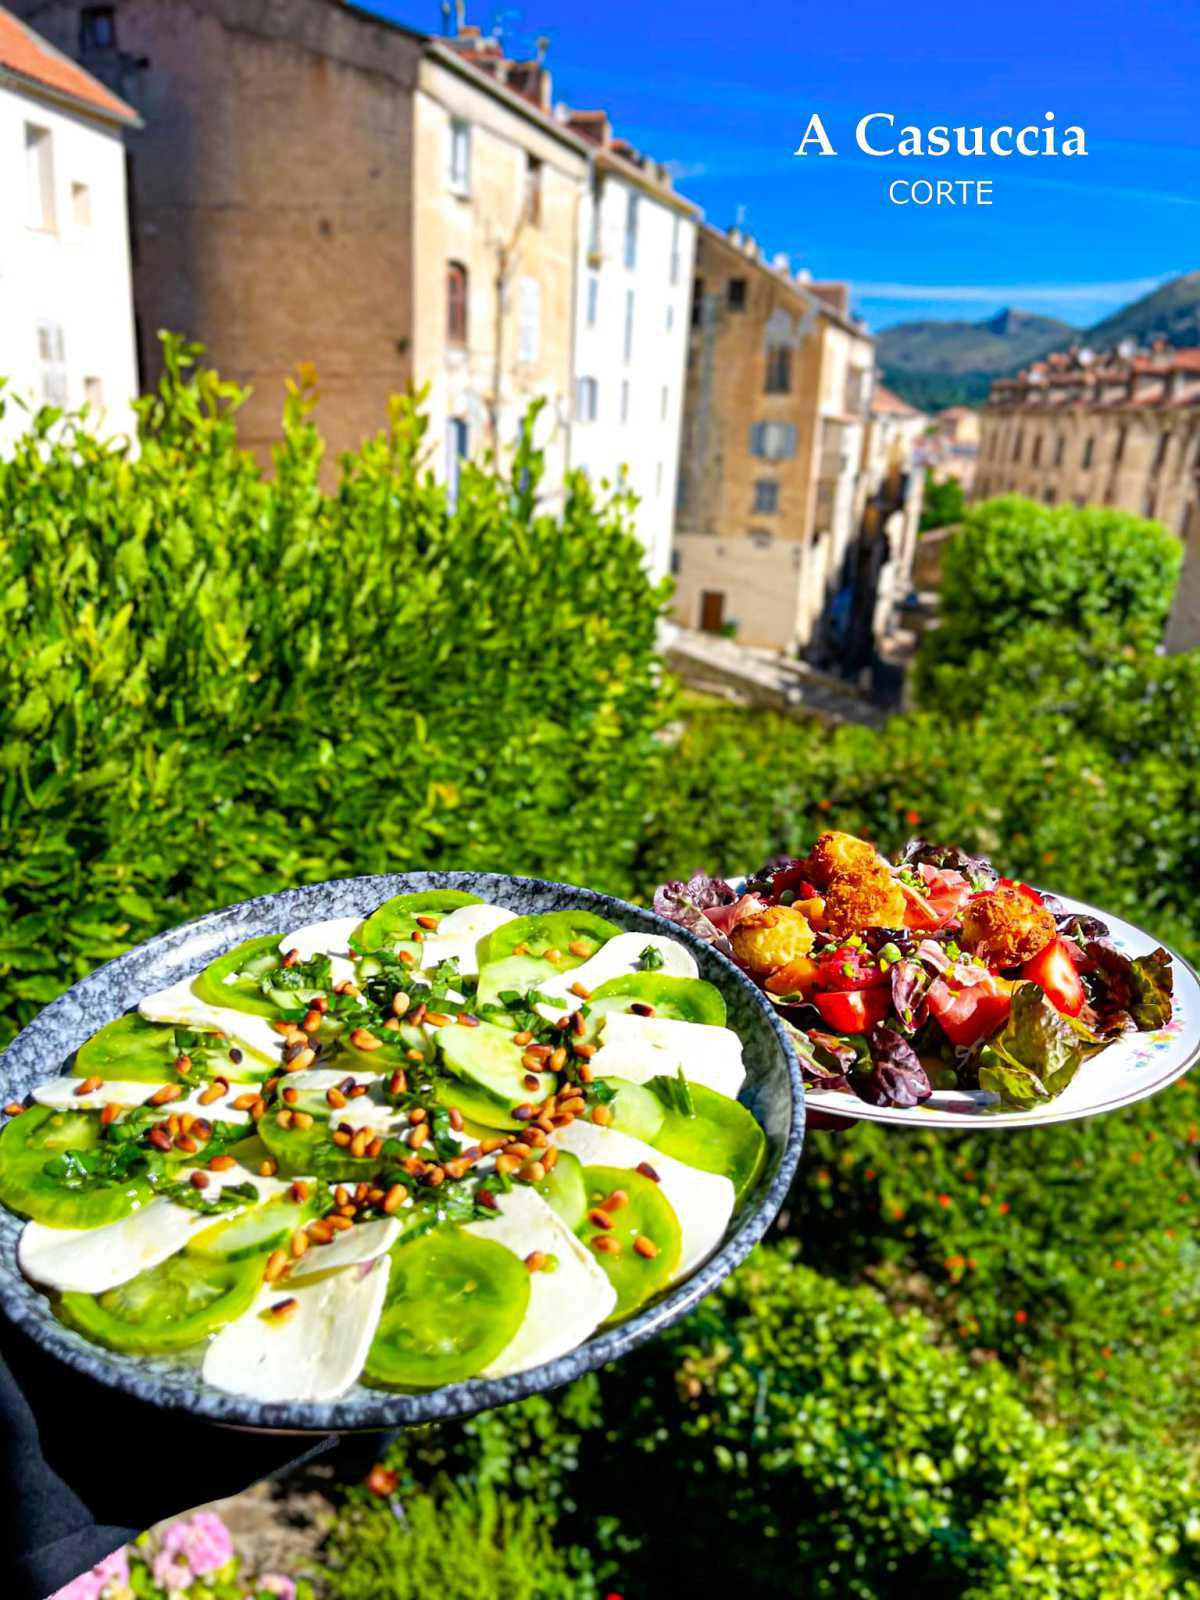 Restaurant A Casuccia